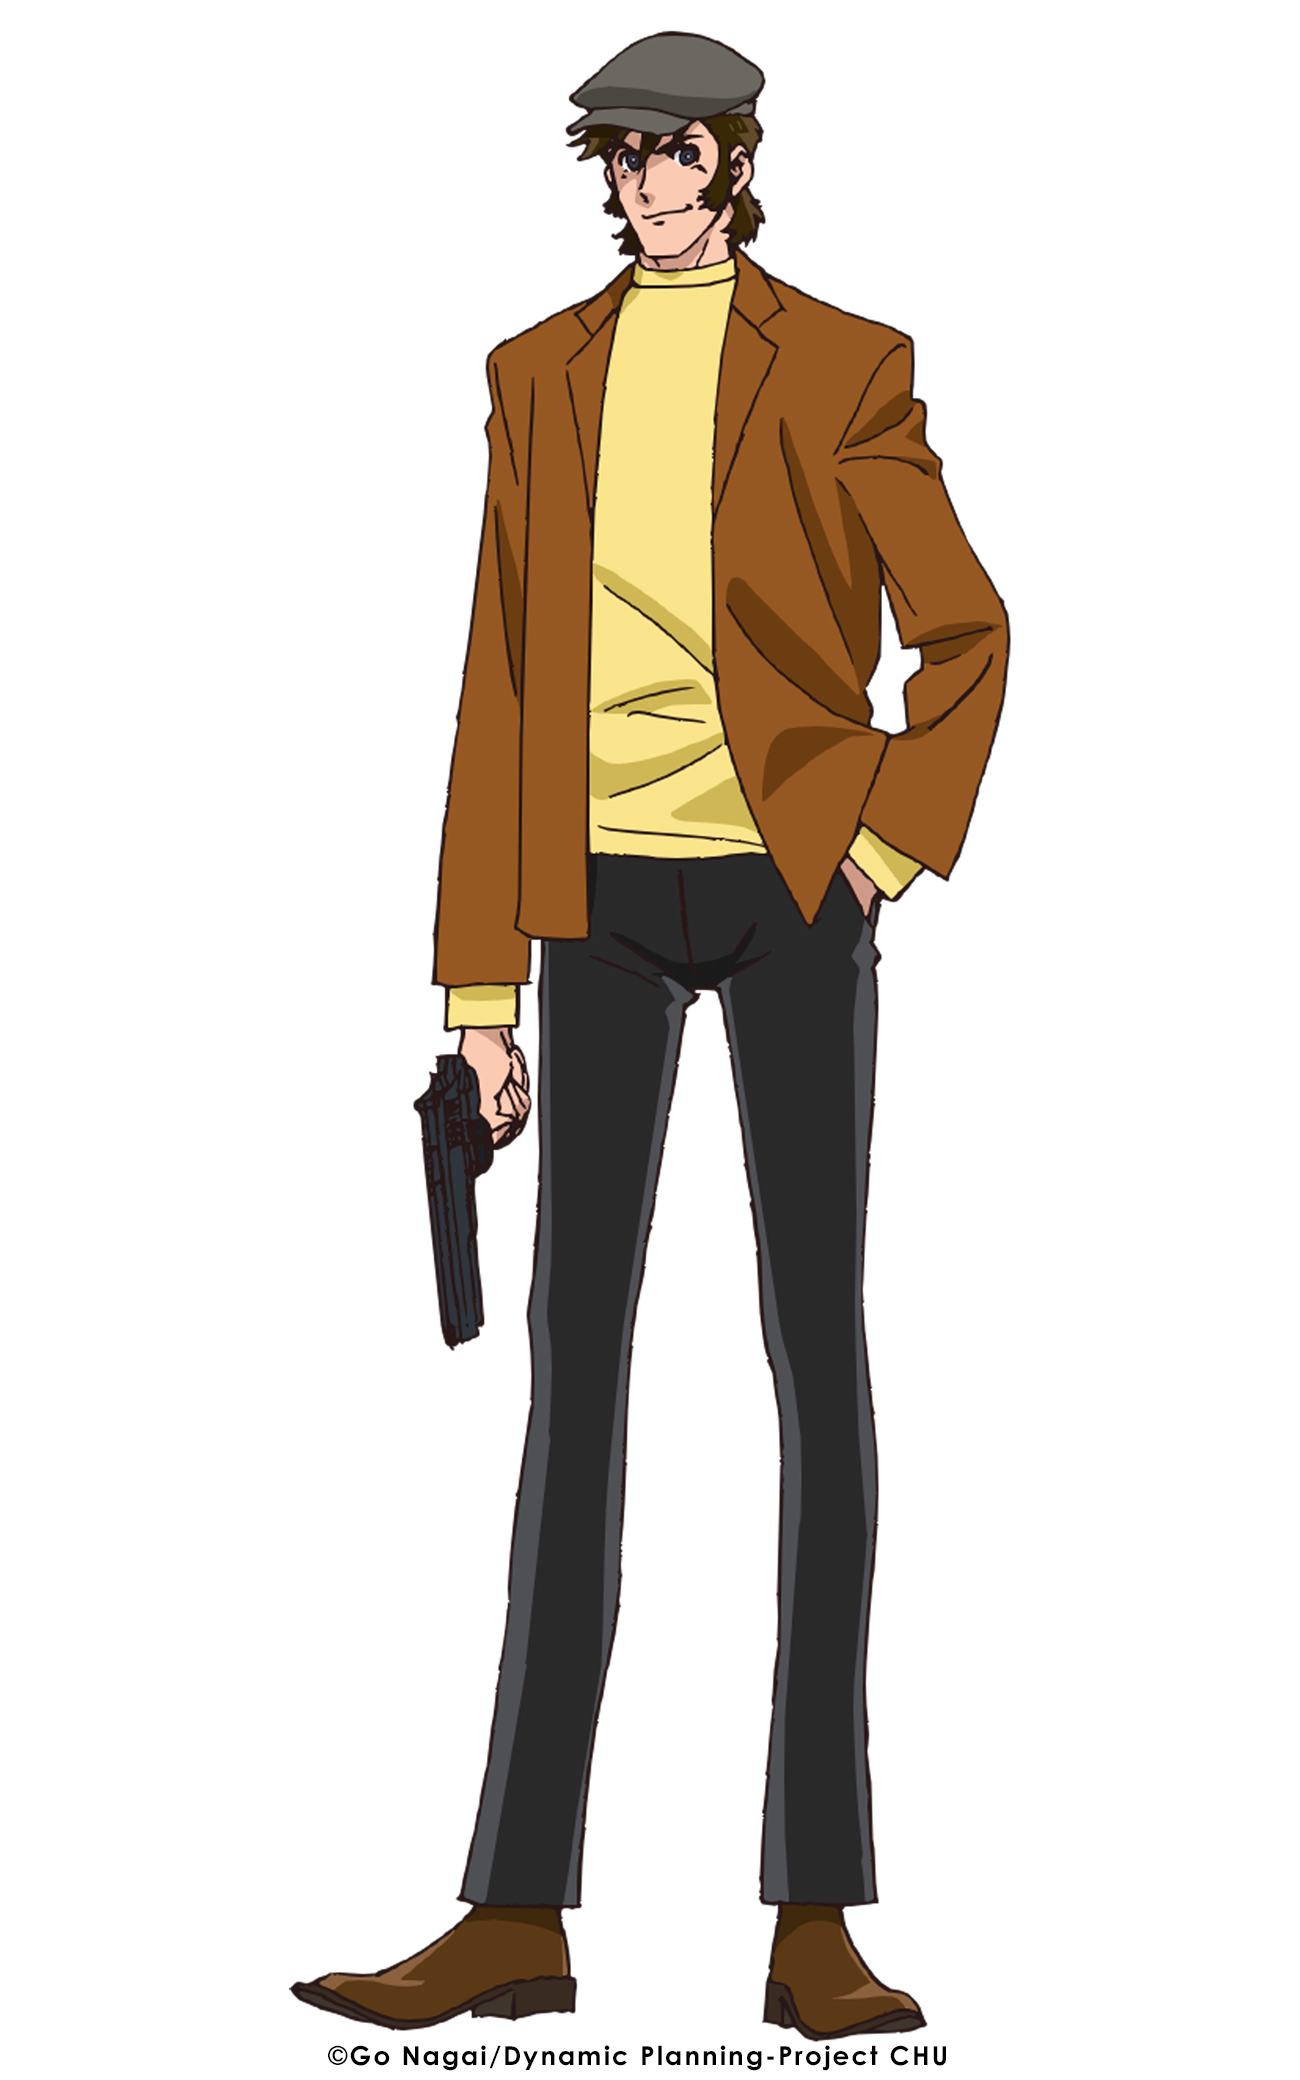 『キューティーハニーユニバース』第9話の先行場面カット&あらすじ公開! パンサークローに捕われた人質たちの存在に苦悩するハニーだったが……-6